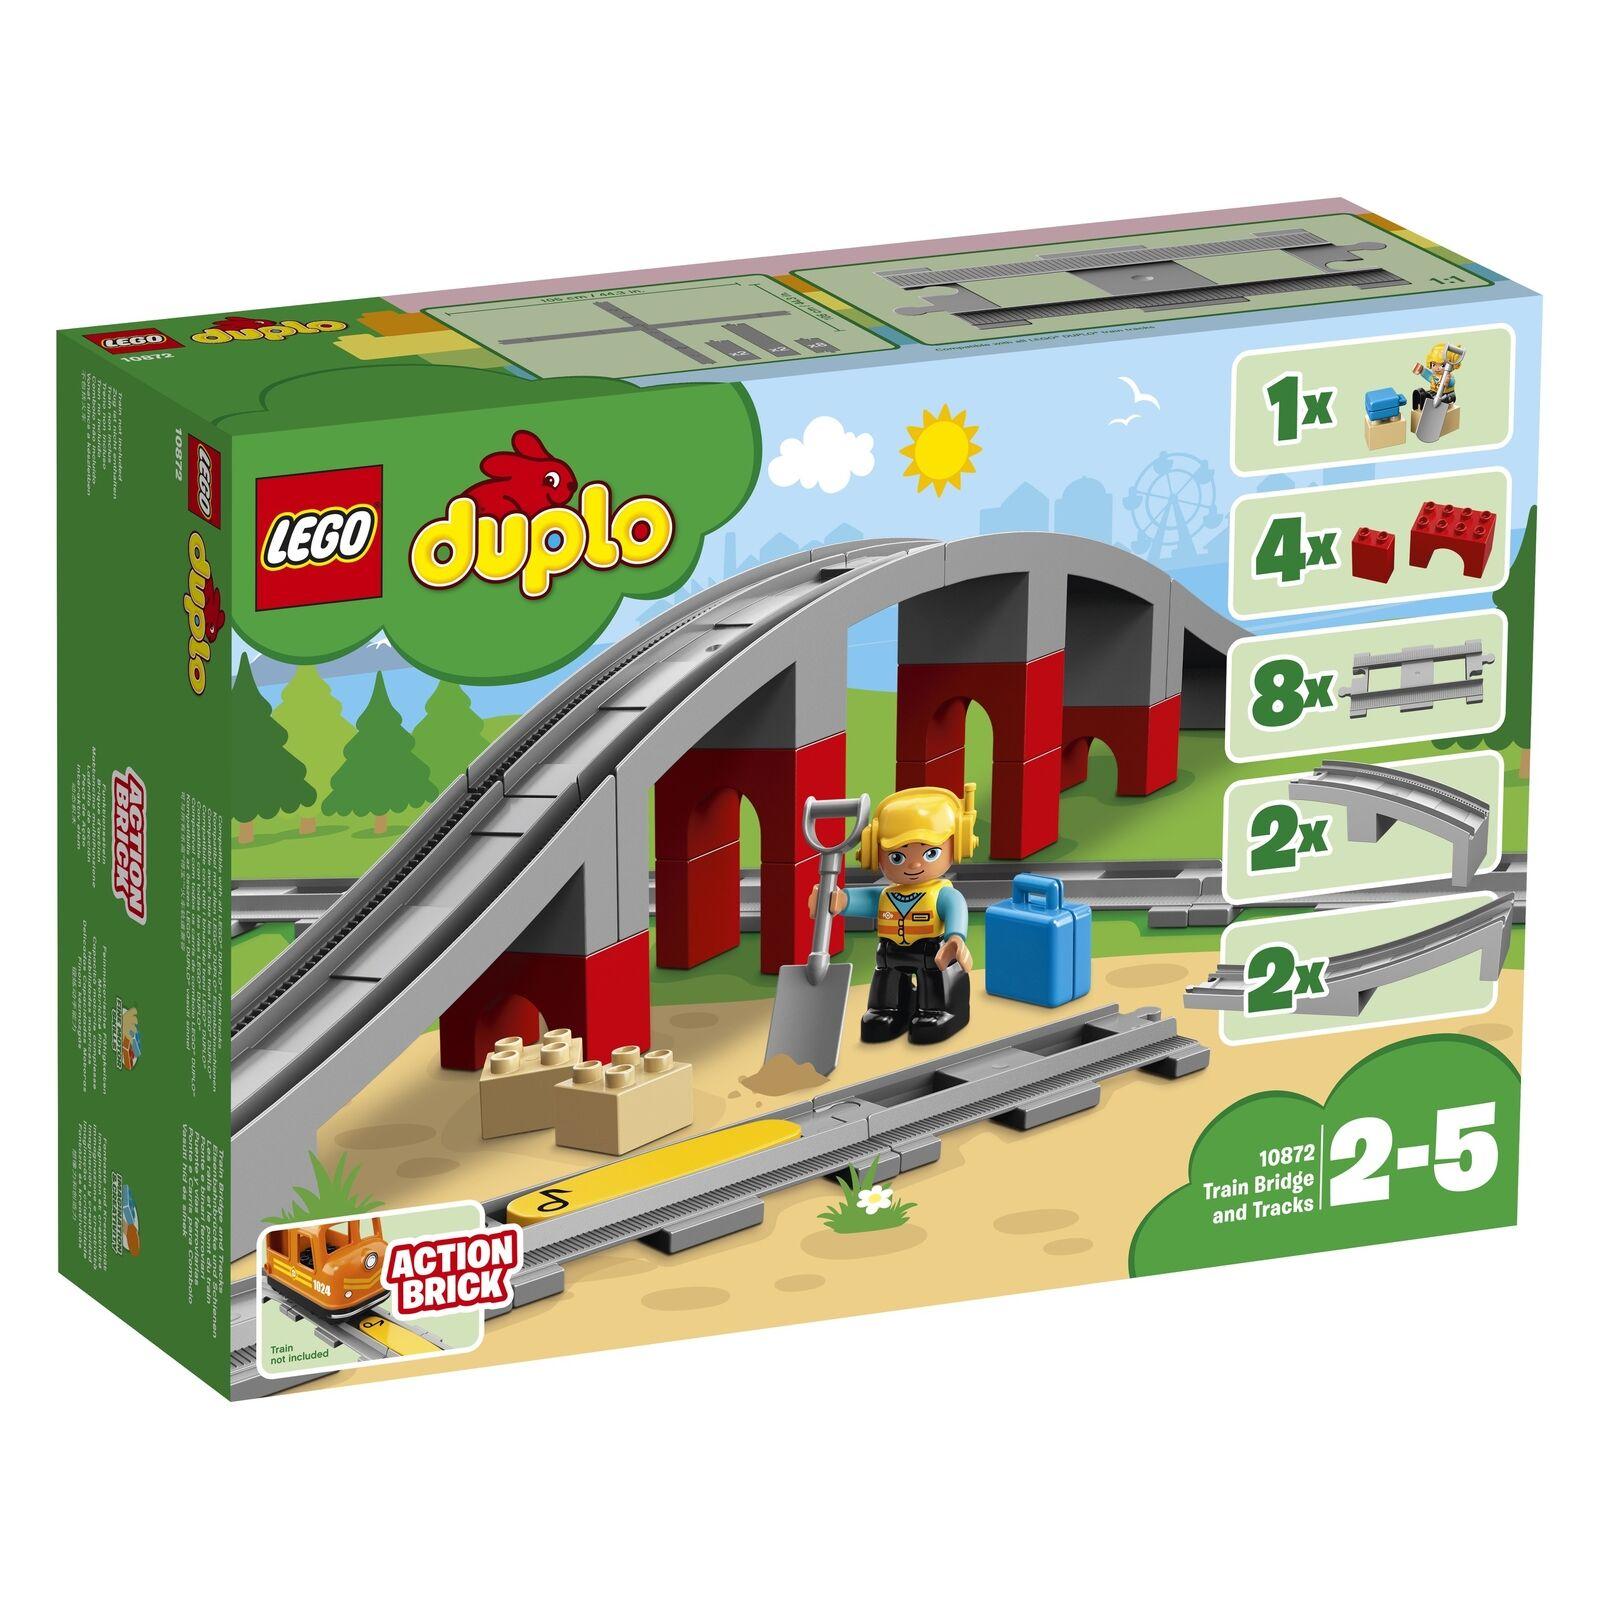 Lego Duplo 10872 Puente Del Ferrocarril Ferrocarril Ferrocarril y Raíles Nuevo Caja Orig.  ventas en línea de venta